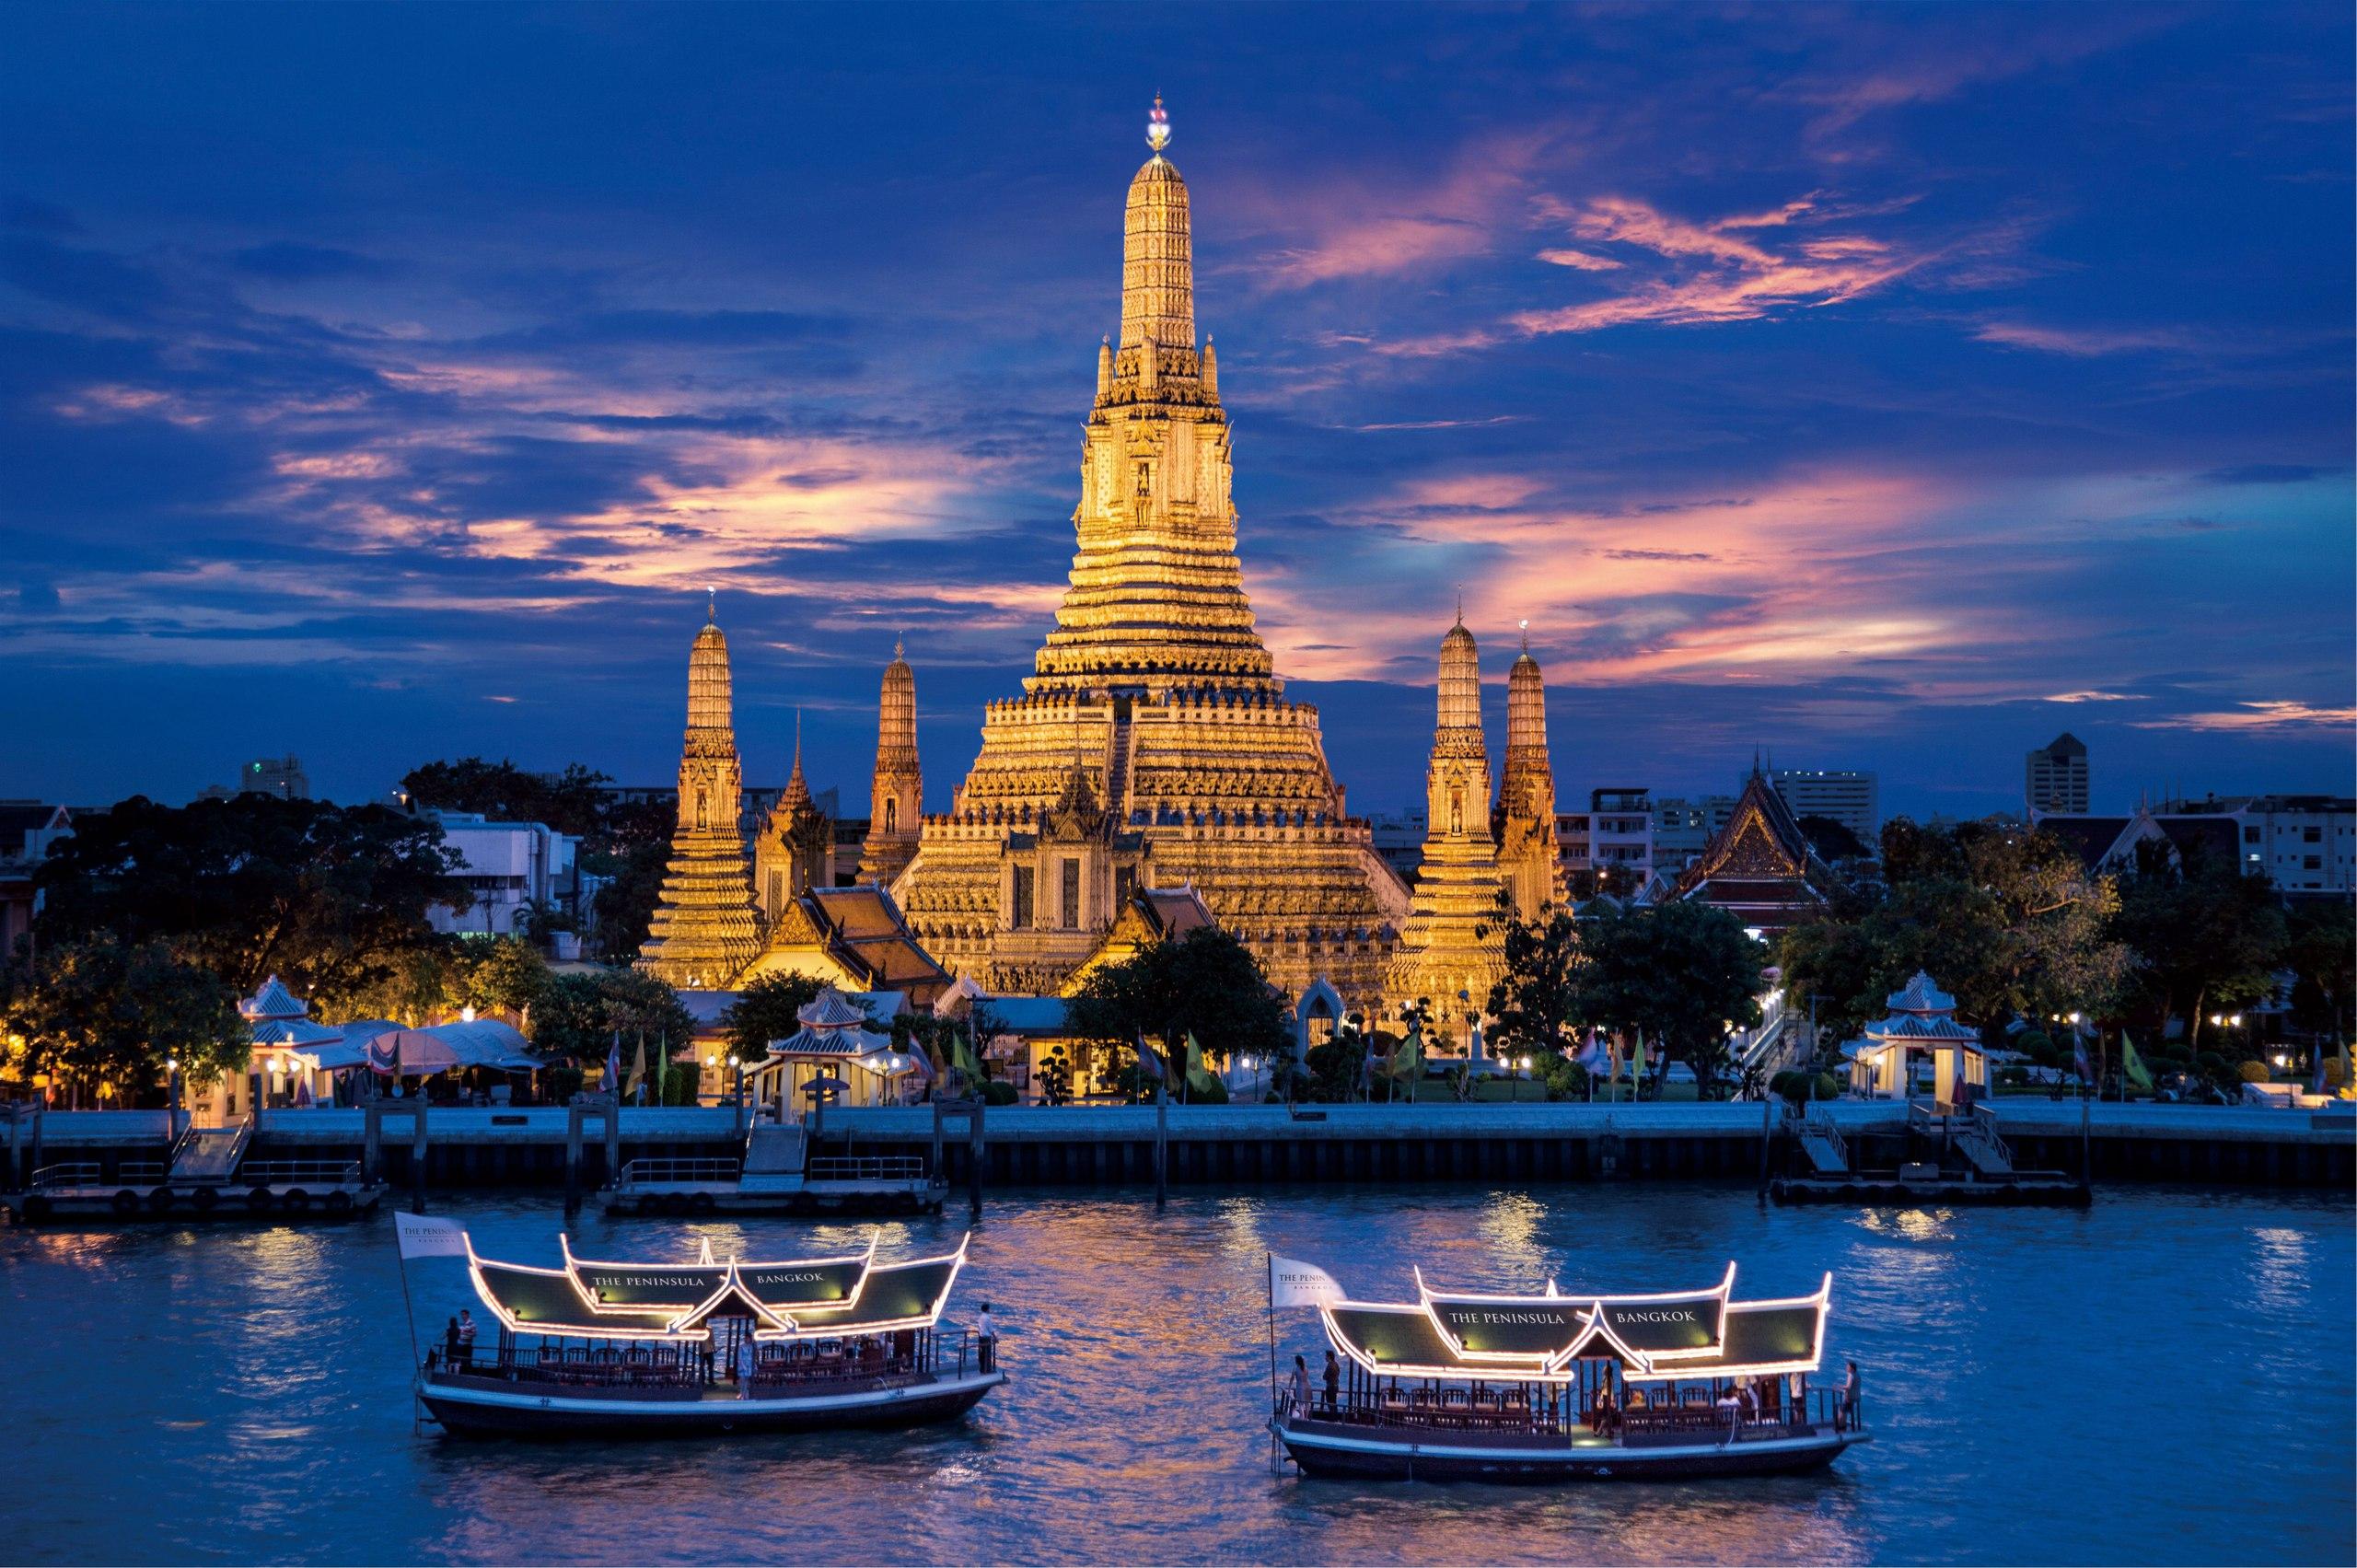 пляж - Елена Руденко (Валтея). Таиланд.  Фото и видео, а также мои впечатления, отзывы, советы и т.д. G-vC7JMgv3Q